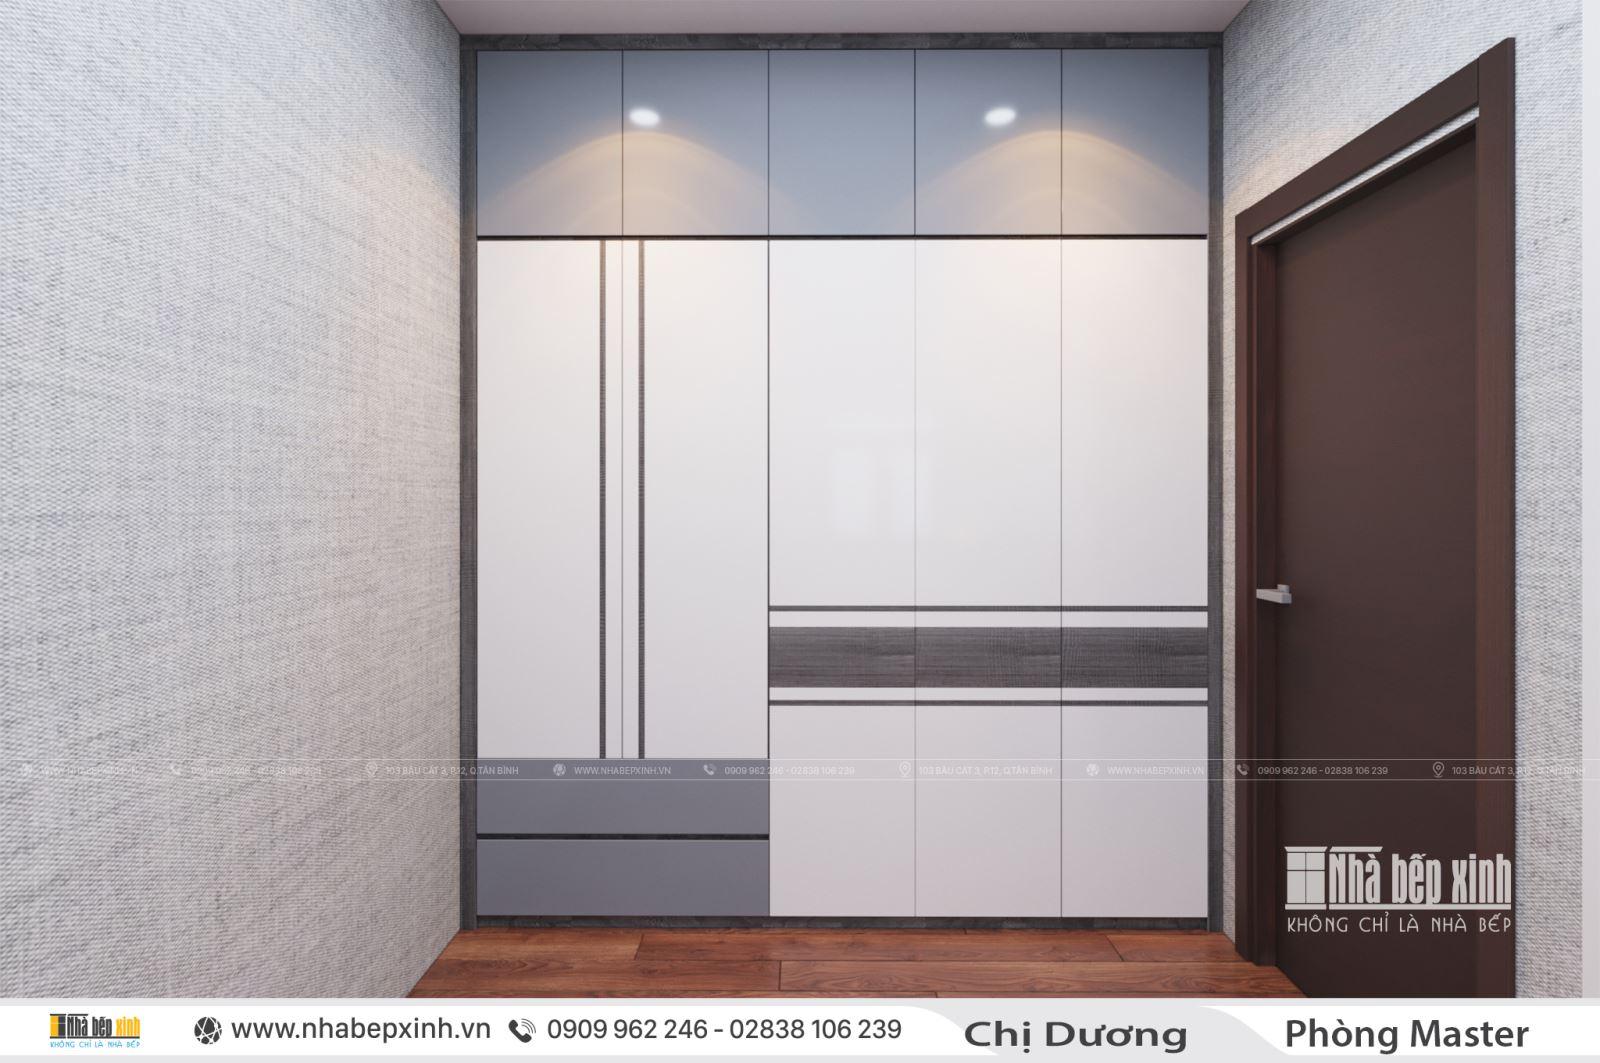 Thiết kế nội thất nguyên căn cho gia đình bạn